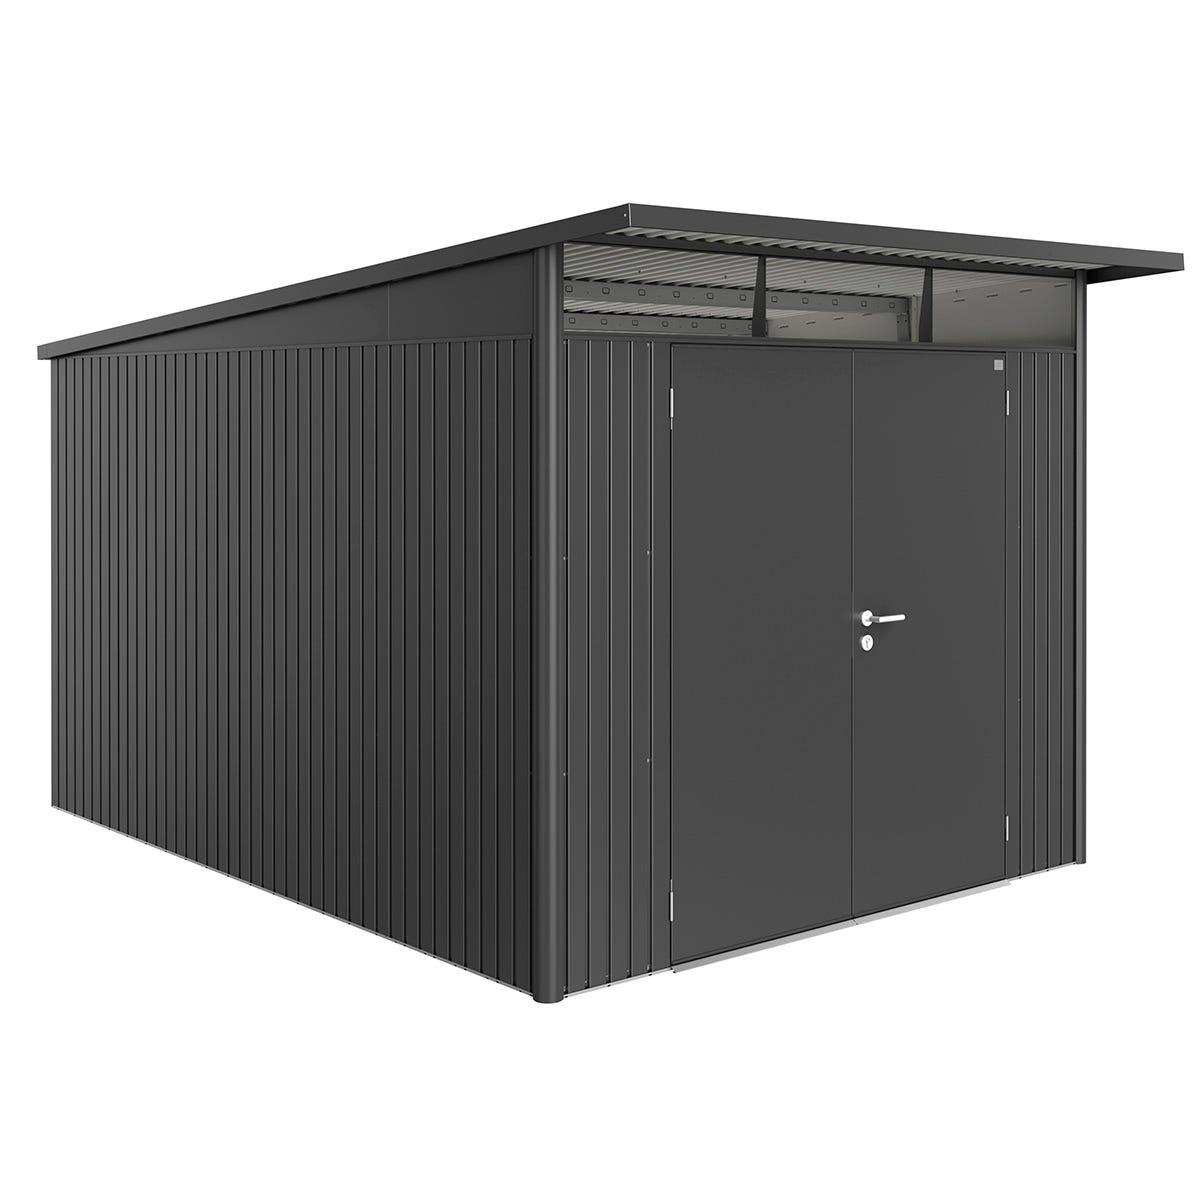 Biohort AvantGarde Metal Shed A8 Double door 8' 5'' x 12' 4'' - Dark Grey